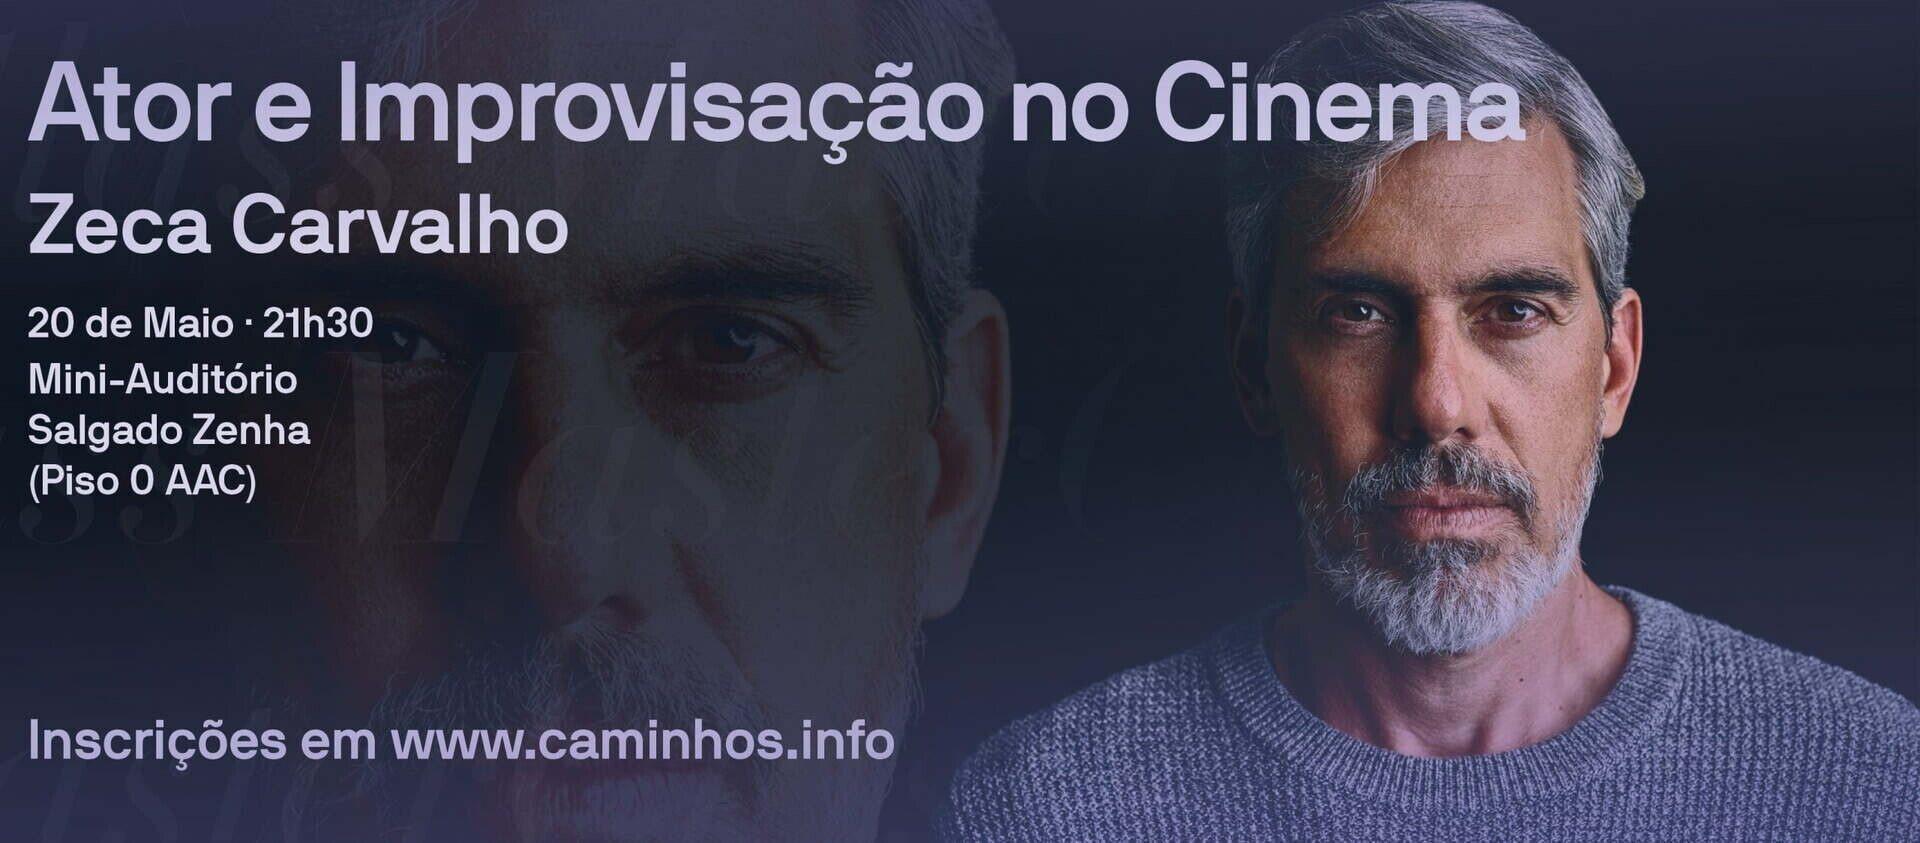 masterclassZeka-Carvalho2-scaled.jpg